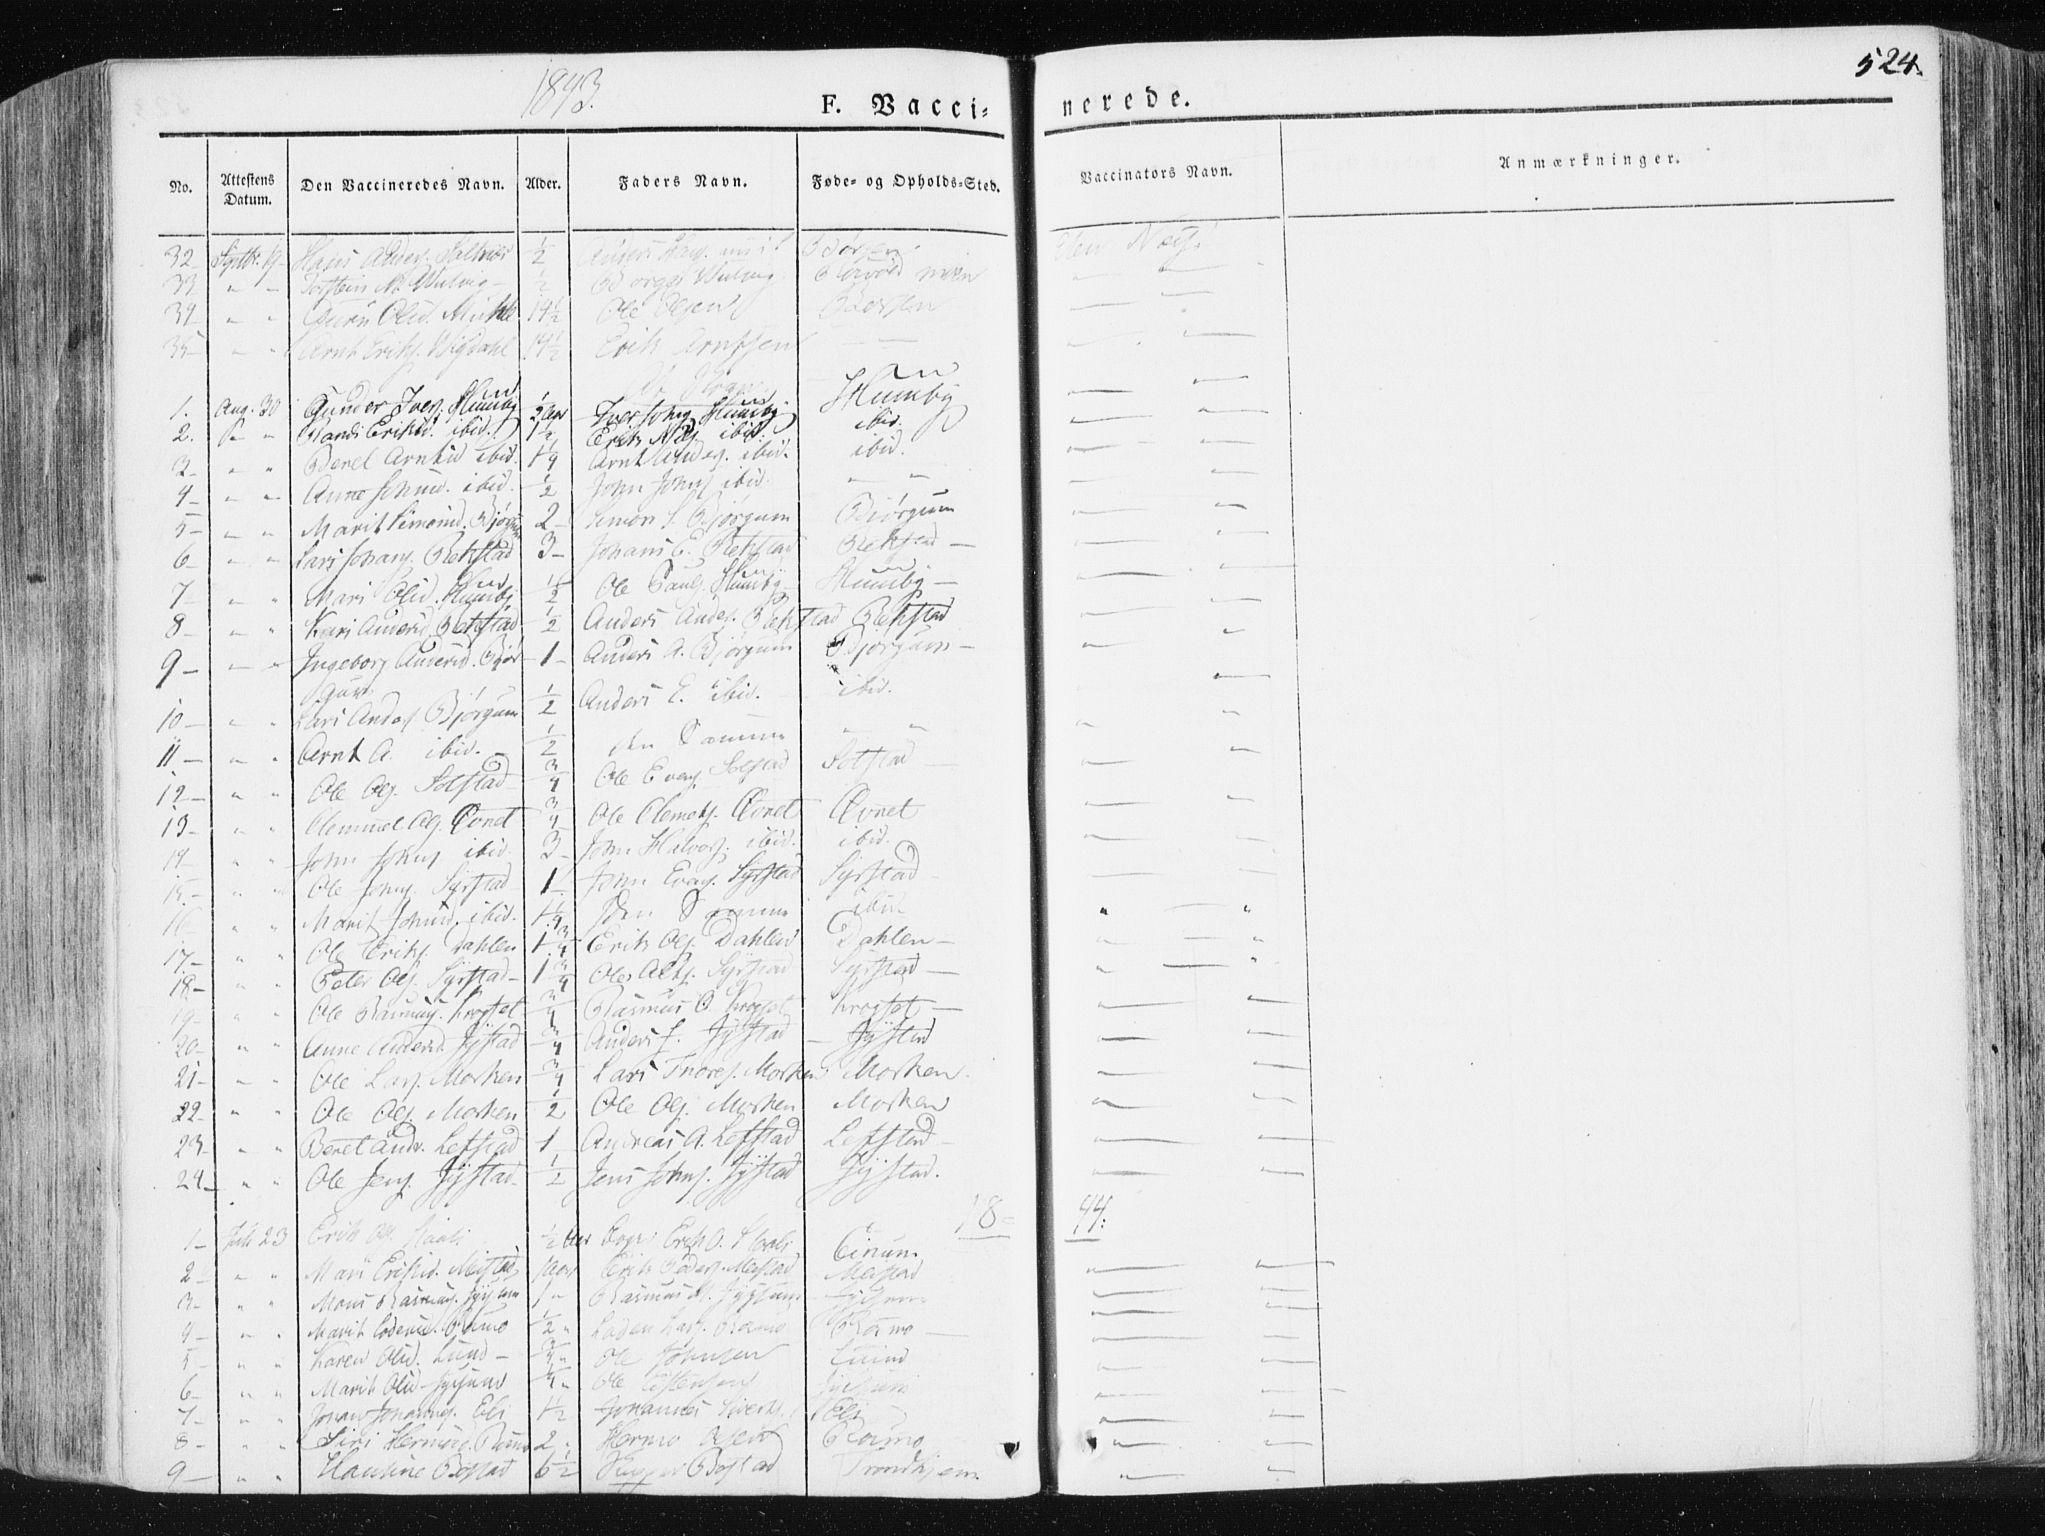 SAT, Ministerialprotokoller, klokkerbøker og fødselsregistre - Sør-Trøndelag, 665/L0771: Ministerialbok nr. 665A06, 1830-1856, s. 524